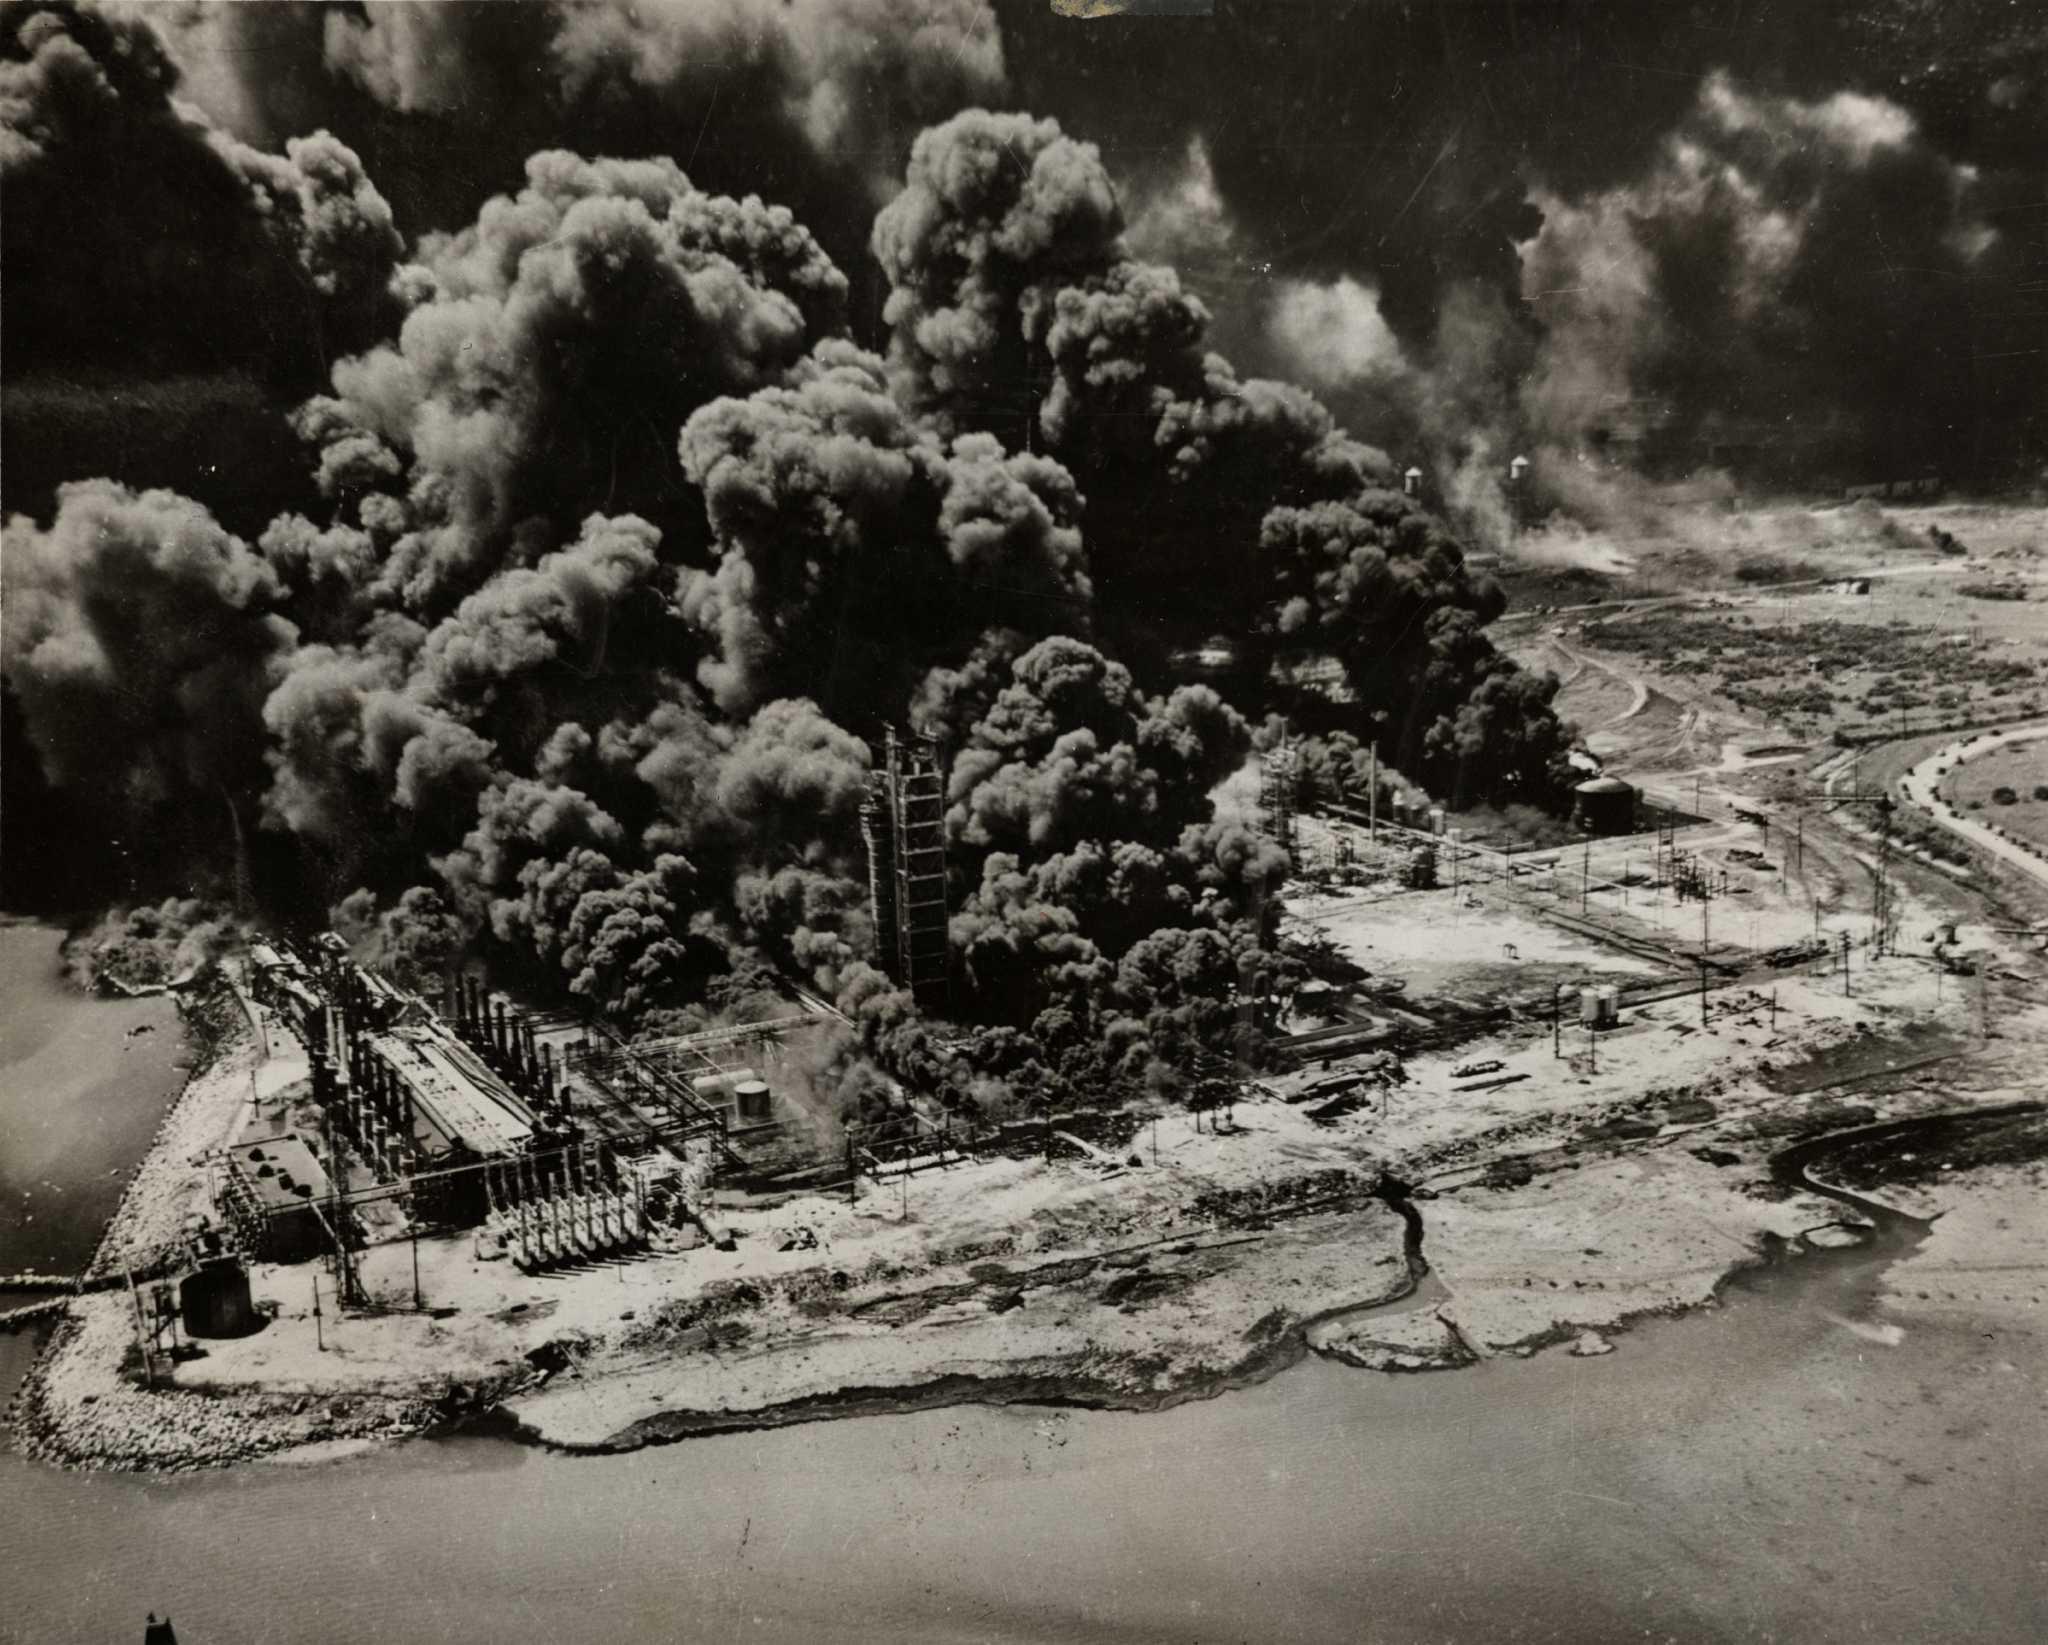 ۱۰ انفجار بزرگ و مرگبار صد سال اخیر+ تصاویر////